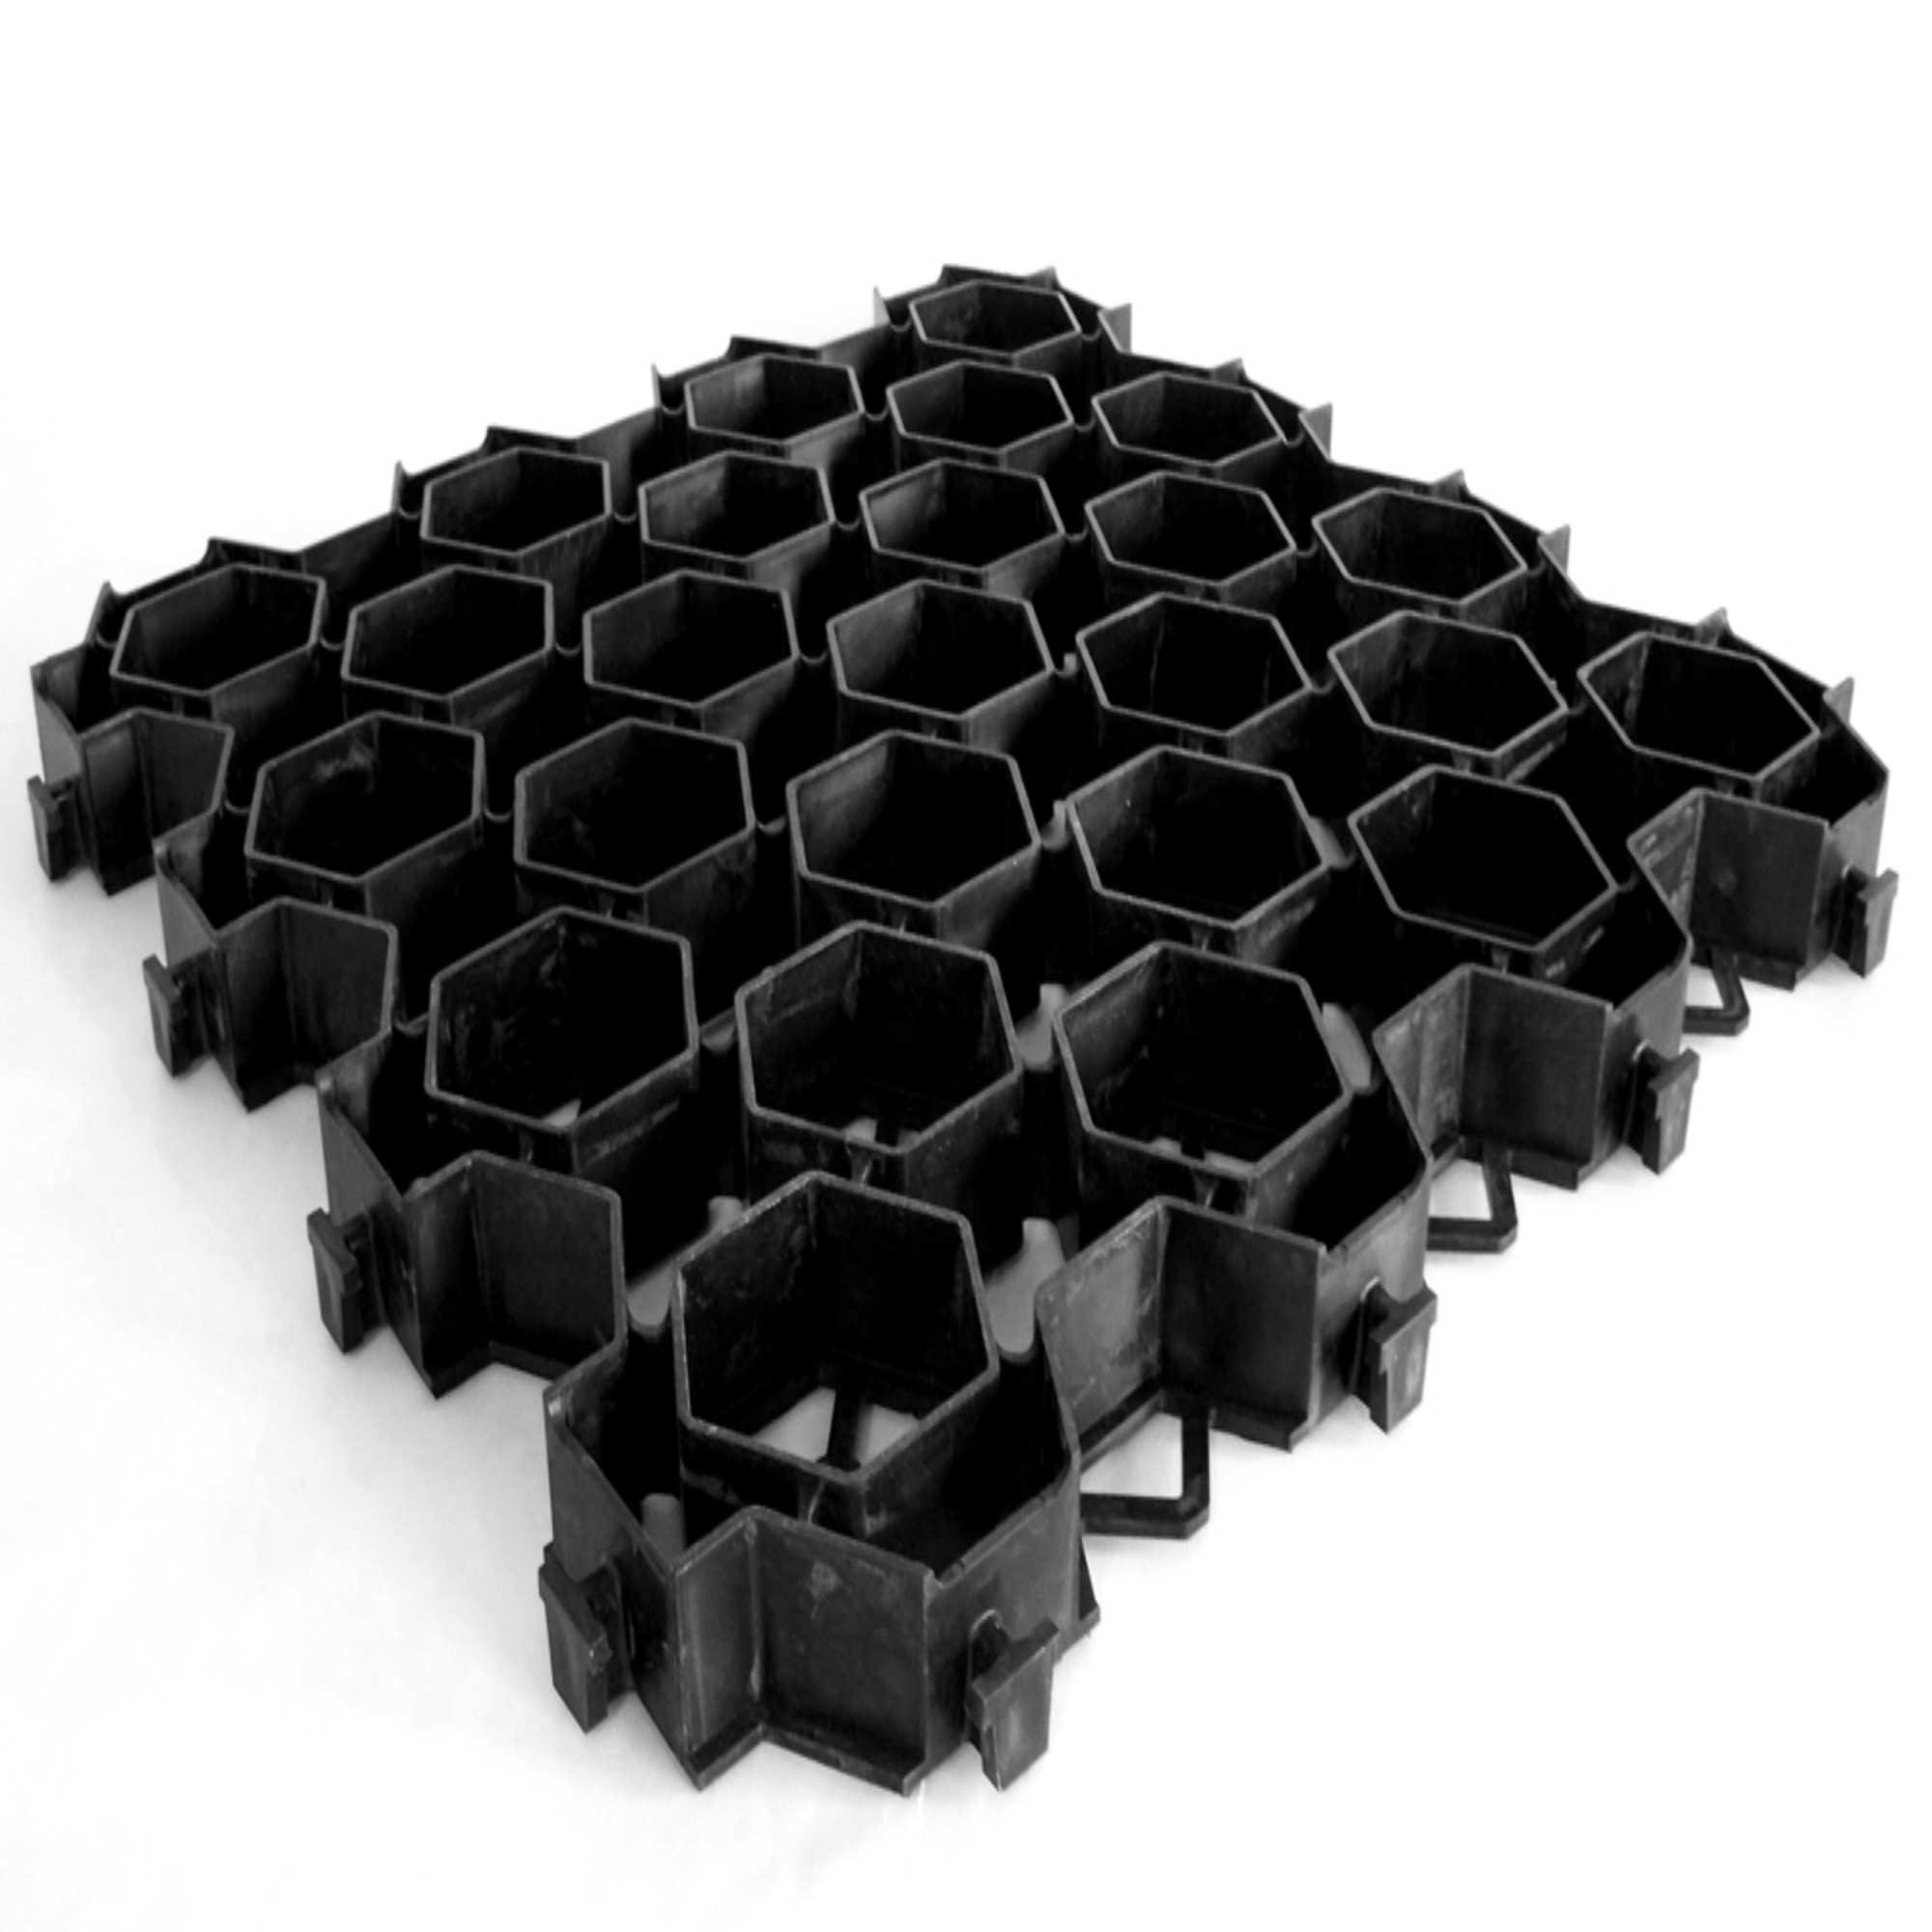 GRB Plus - Plastic Ground Reinforcement Paver - Plastic